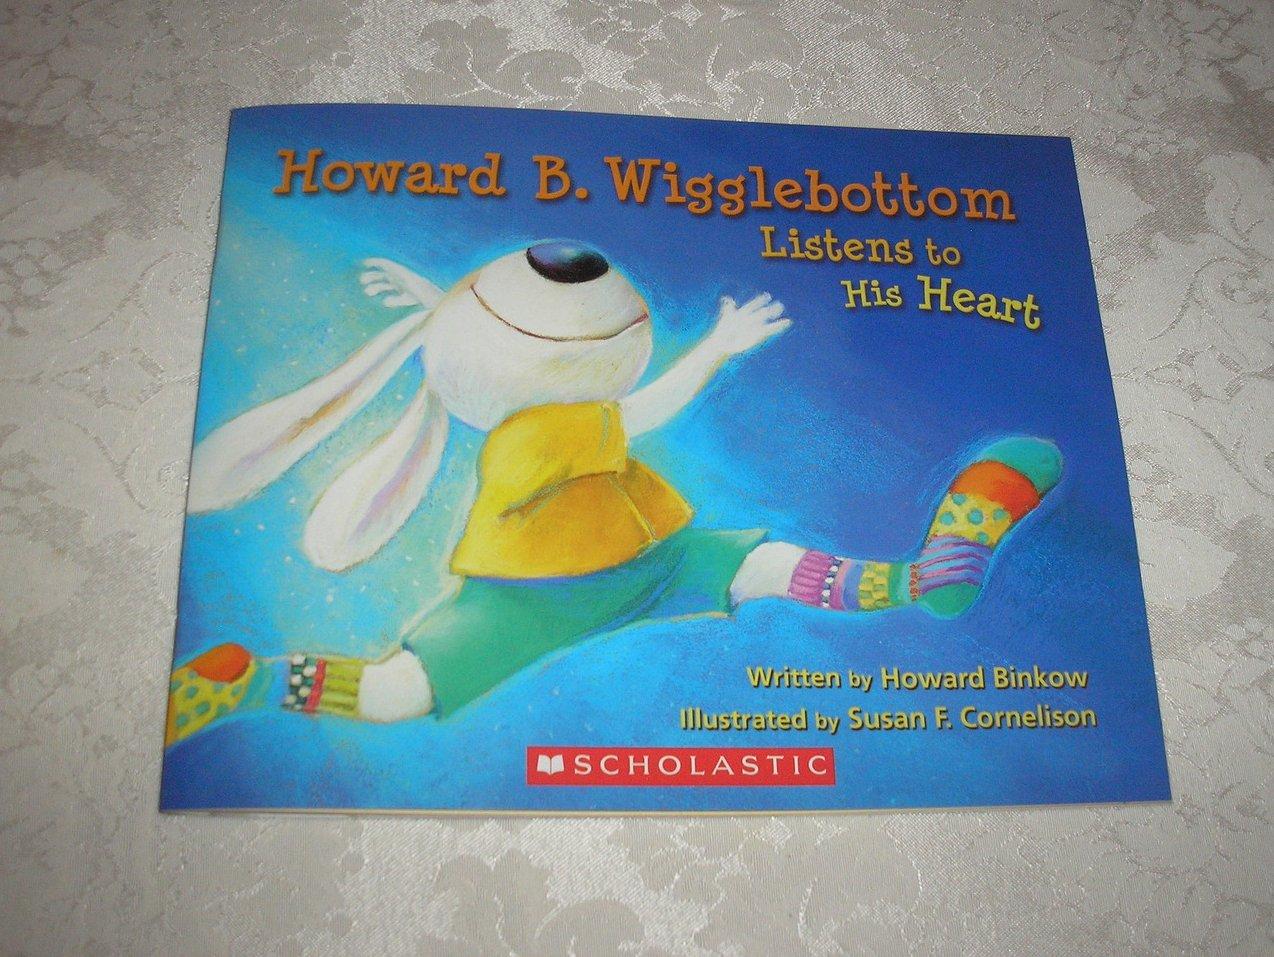 Howard B. Wigglebottom Listens to His Heart brand new sc Howard Binkow